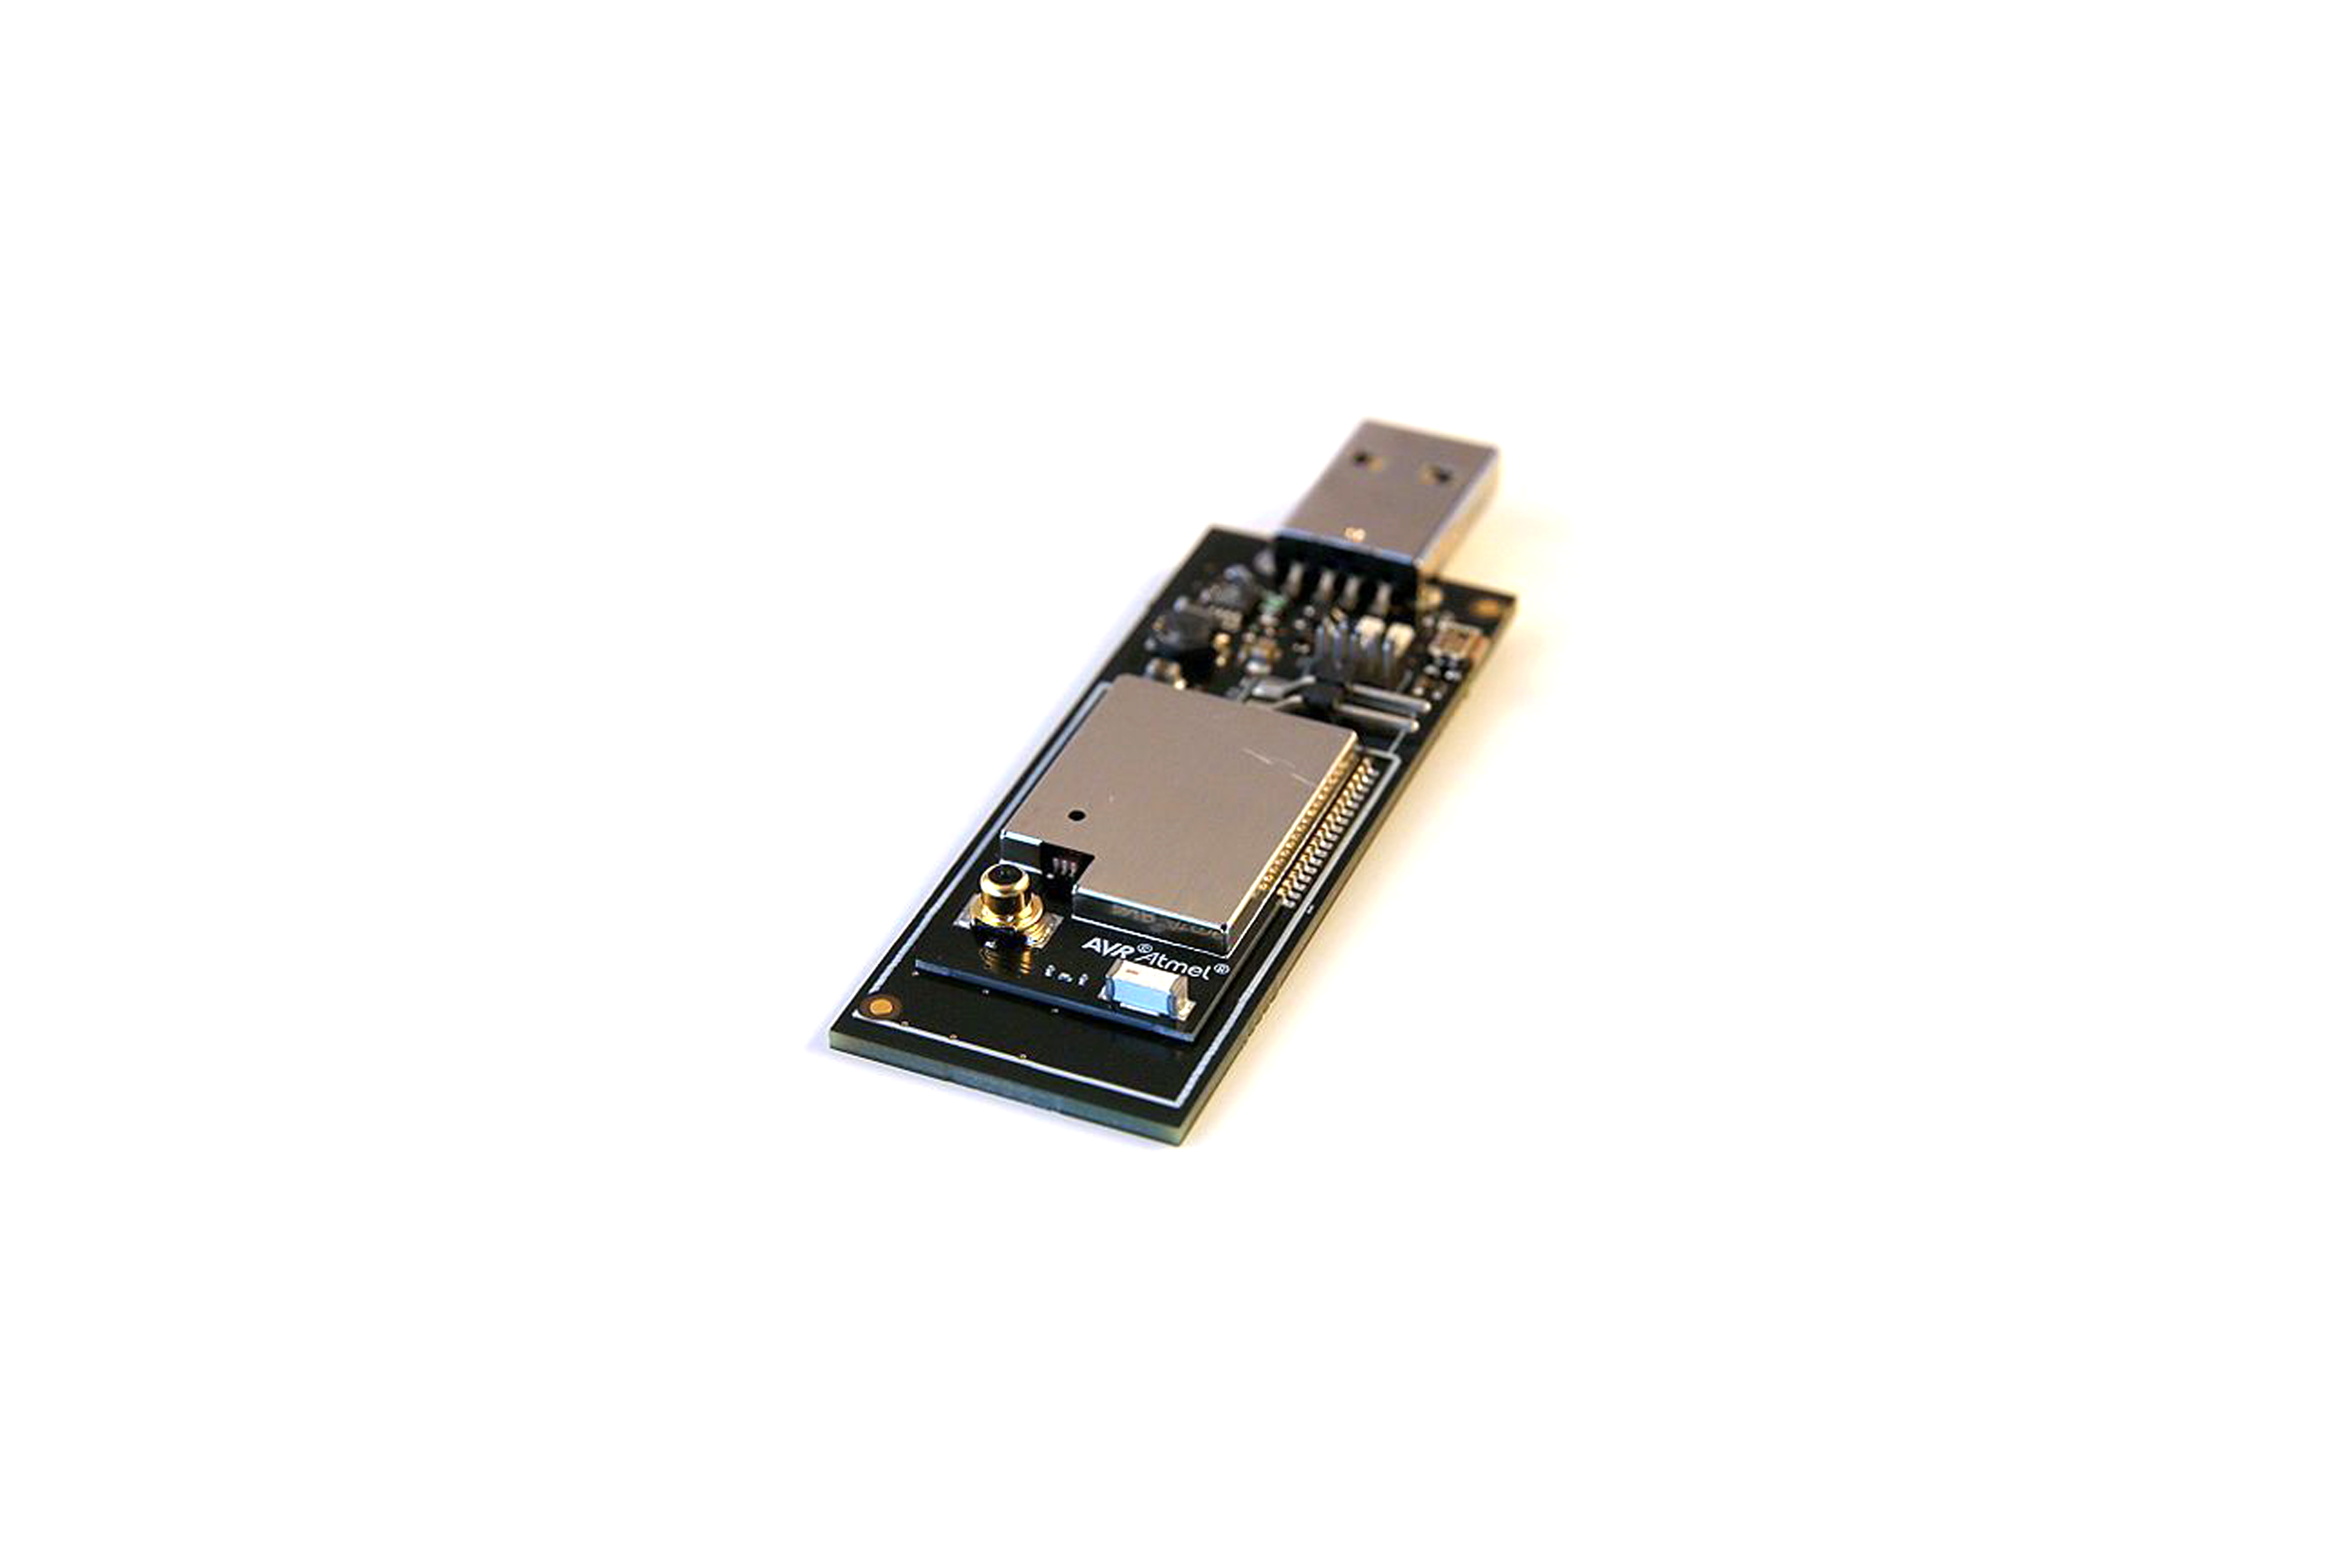 USB-STICK FÜR SUB GHZ ZIGBIT